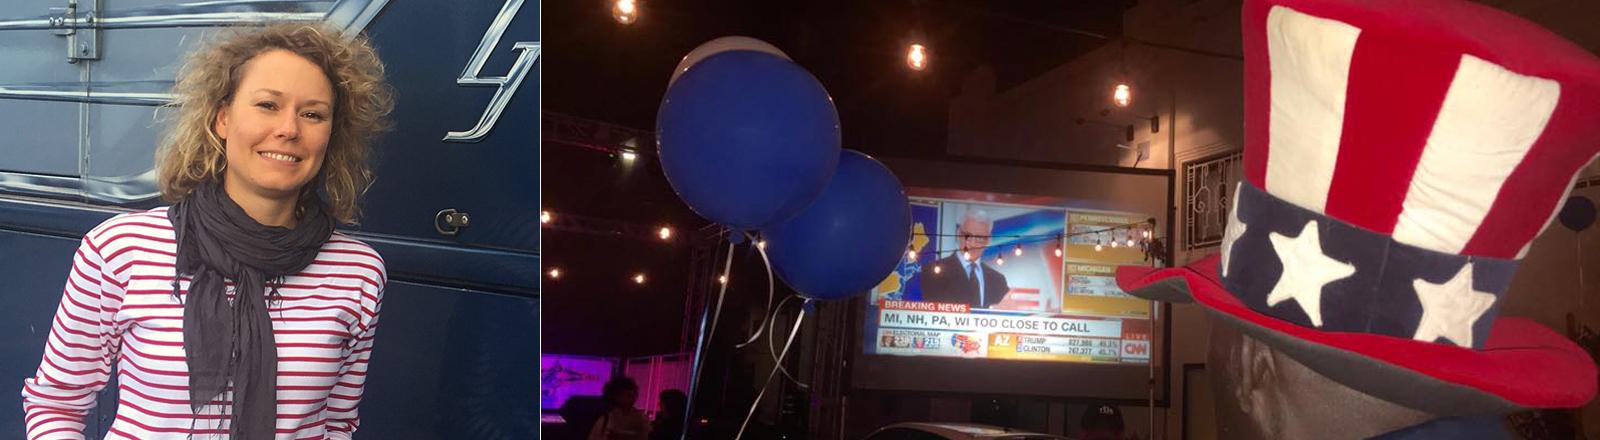 Hanna zu Beginn ihrer Reise und ein Bild mit Menschen in der Wahlnacht, die auf einen Bildschirm schauen.